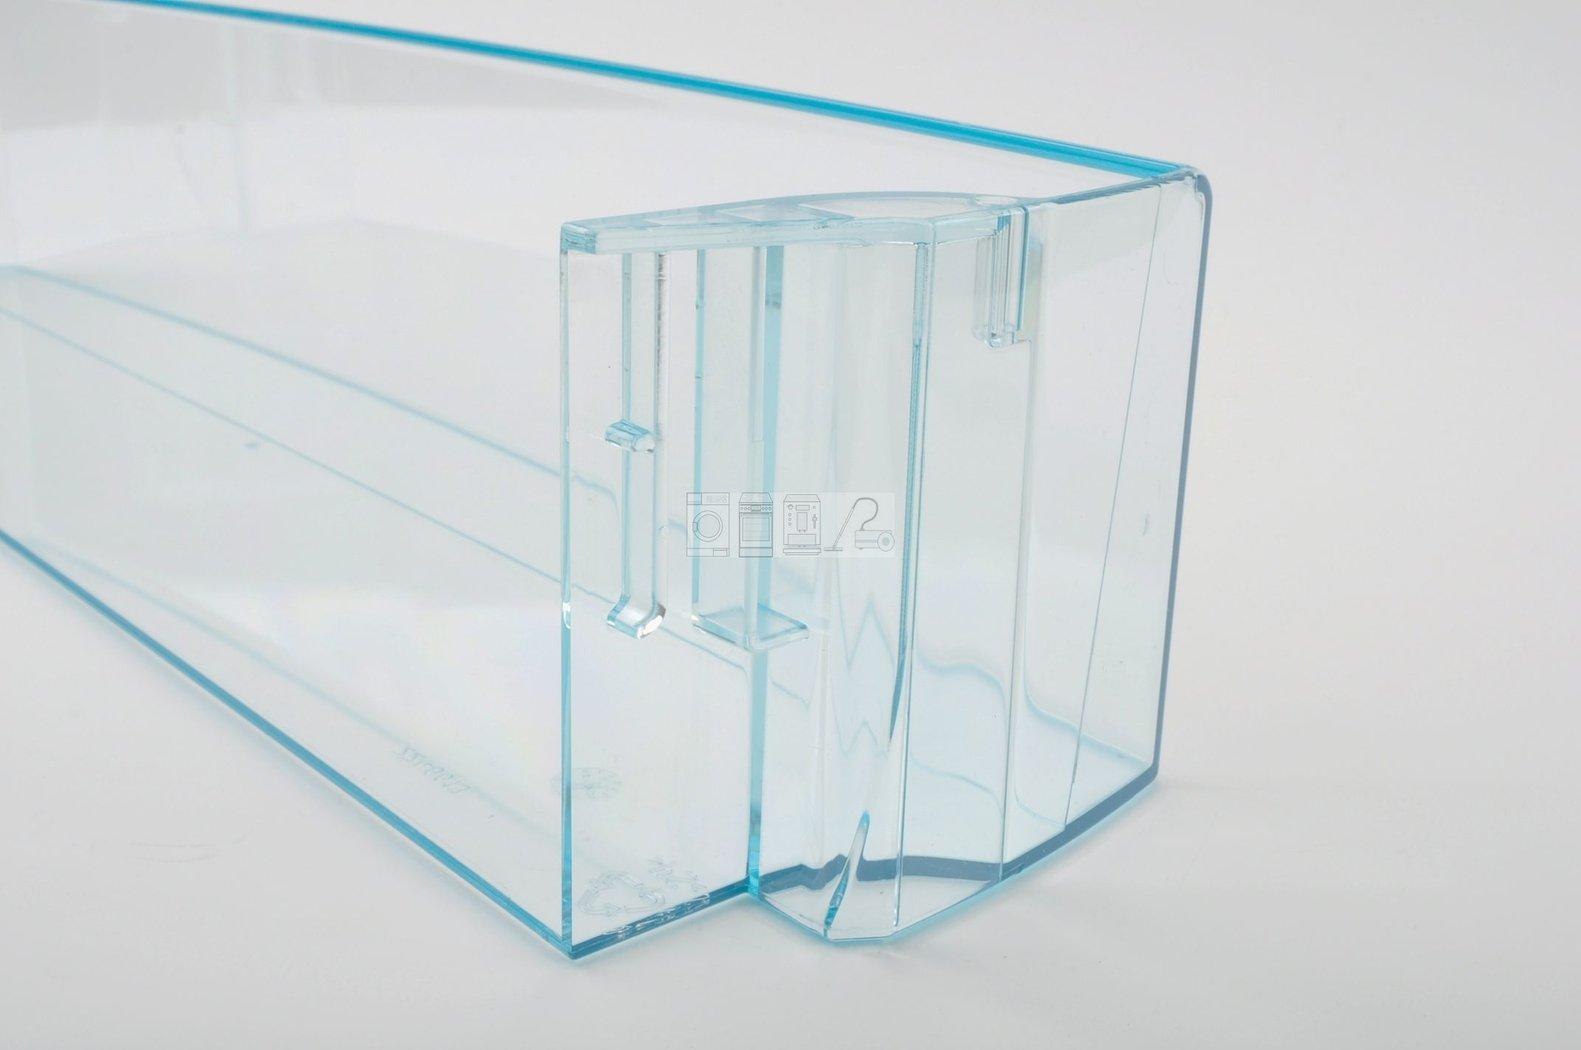 Bomann Kühlschrank Schublade : Ersatzteile privileg kühlschrank flaschenfach absteller